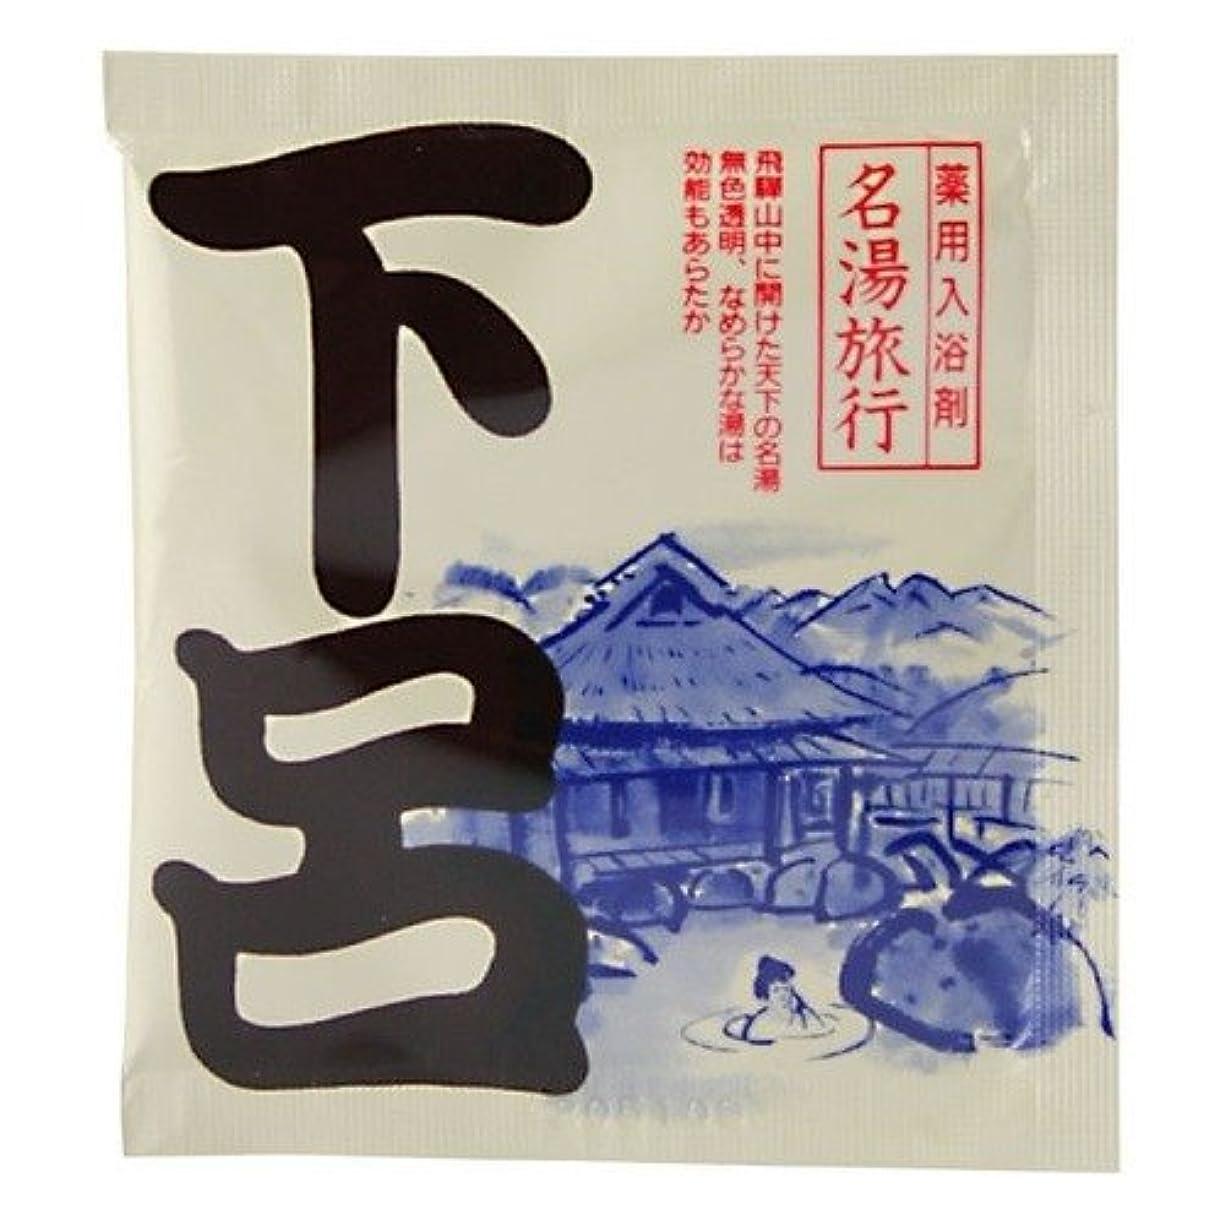 フィッティングダイヤモンドアニメーション五洲薬品 名湯旅行 下呂 25g 4987332126751